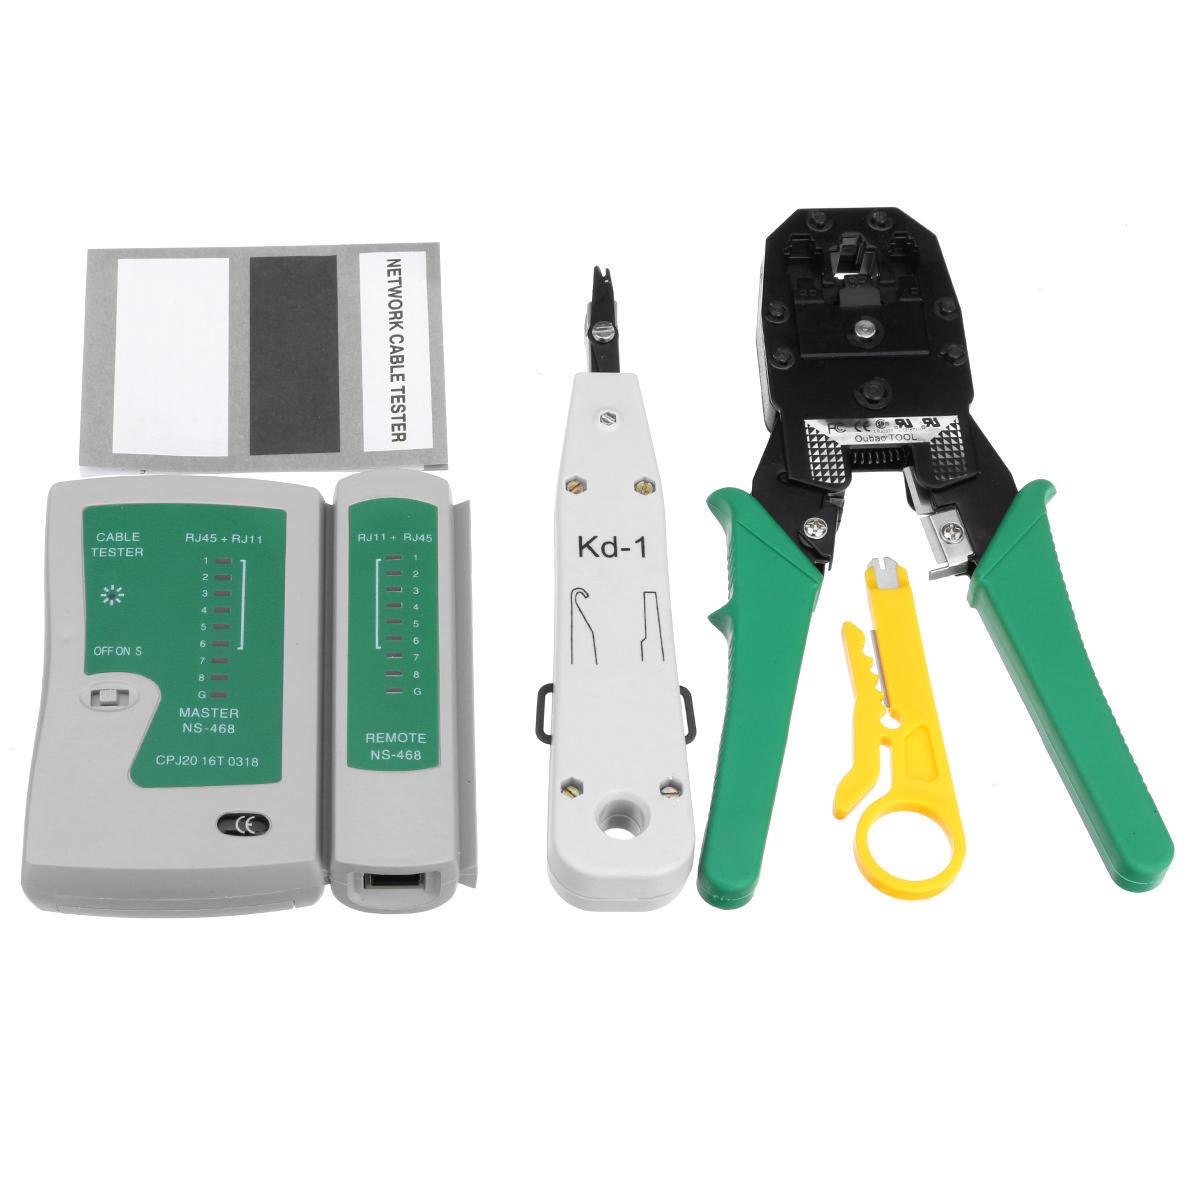 RJ45 RJ11 RJ12 Cat5e 6 LAN Телефонная сеть передачи данных Инструмент Комплект + Модульный штекер + кабельный тестер